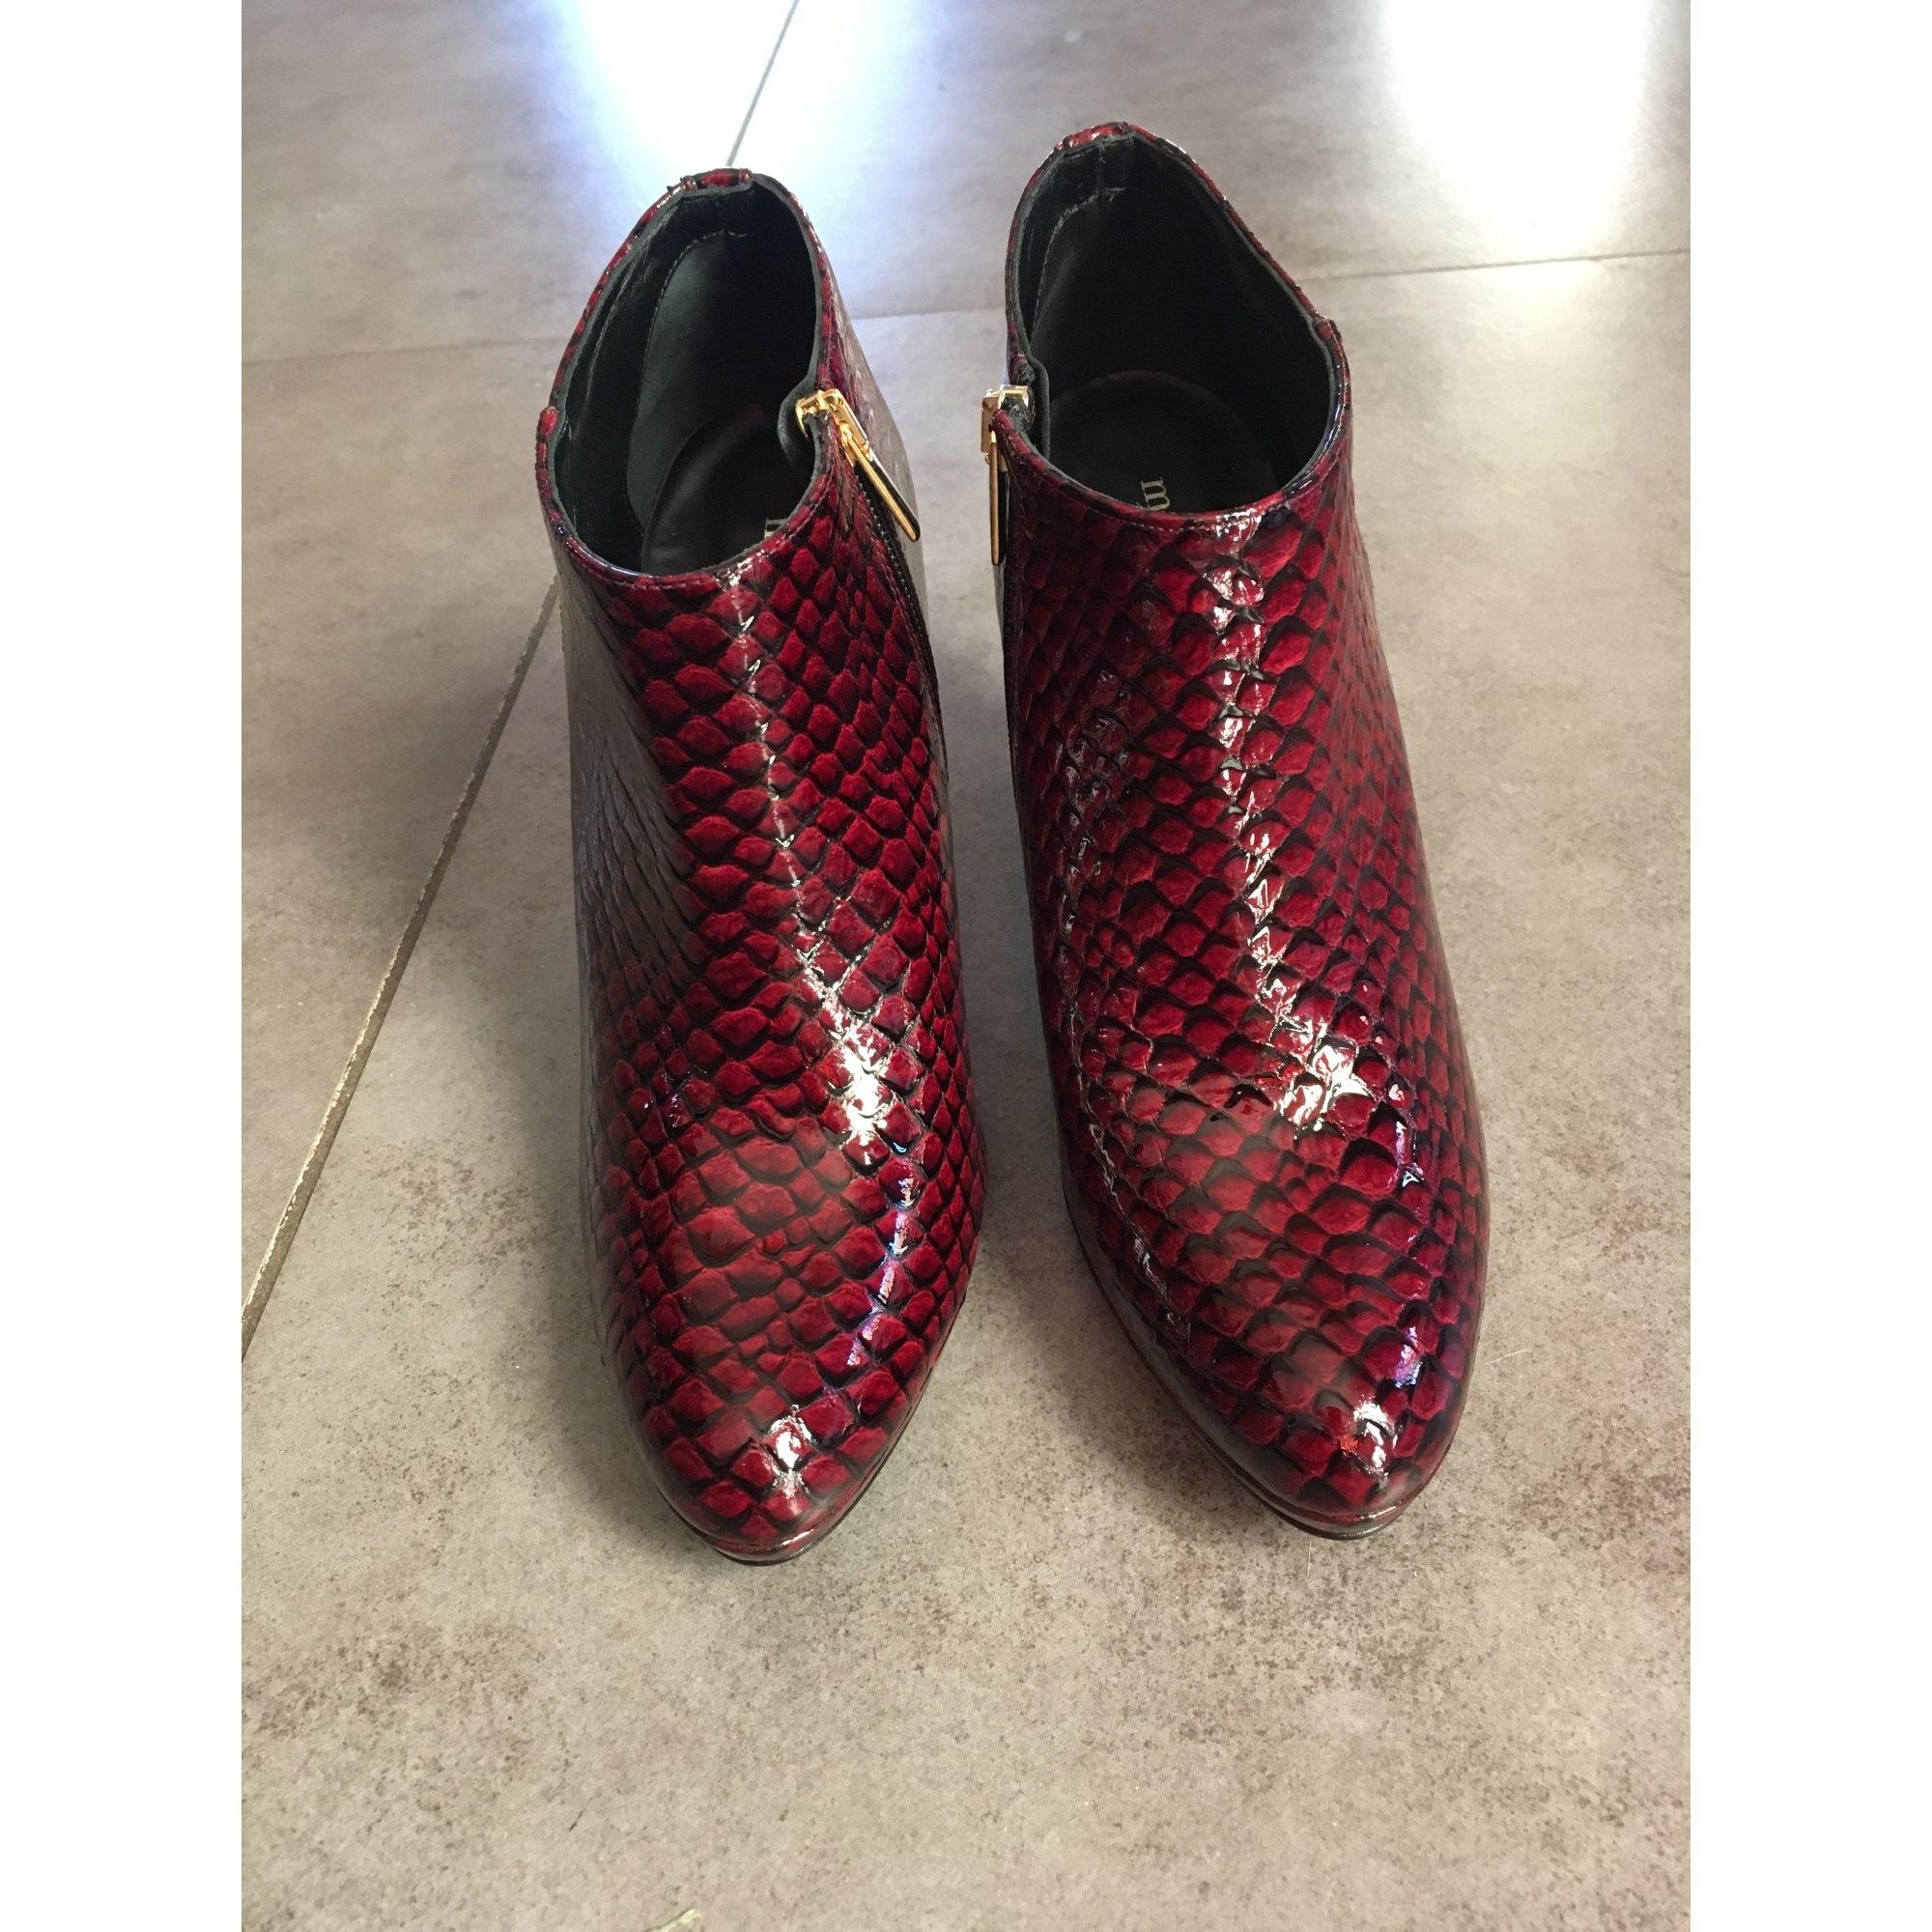 à boots à Bottineslow talons Bottineslow Bottineslow talons boots boots 35qLAj4R